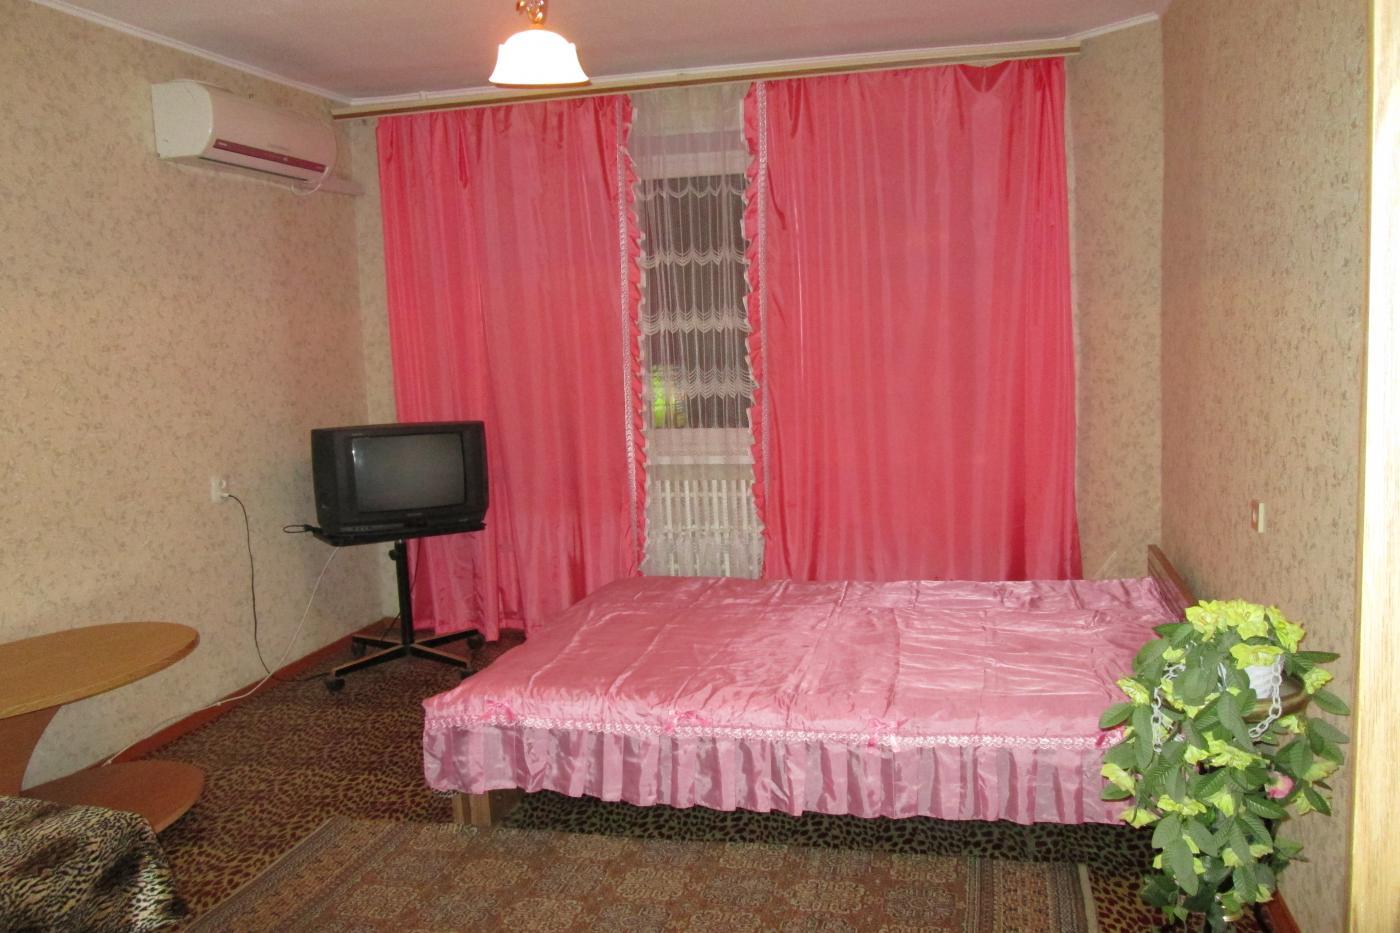 1-комнатная квартира посуточно (вариант № 1935), ул. 8-й Воздушной Армии улица, фото № 1